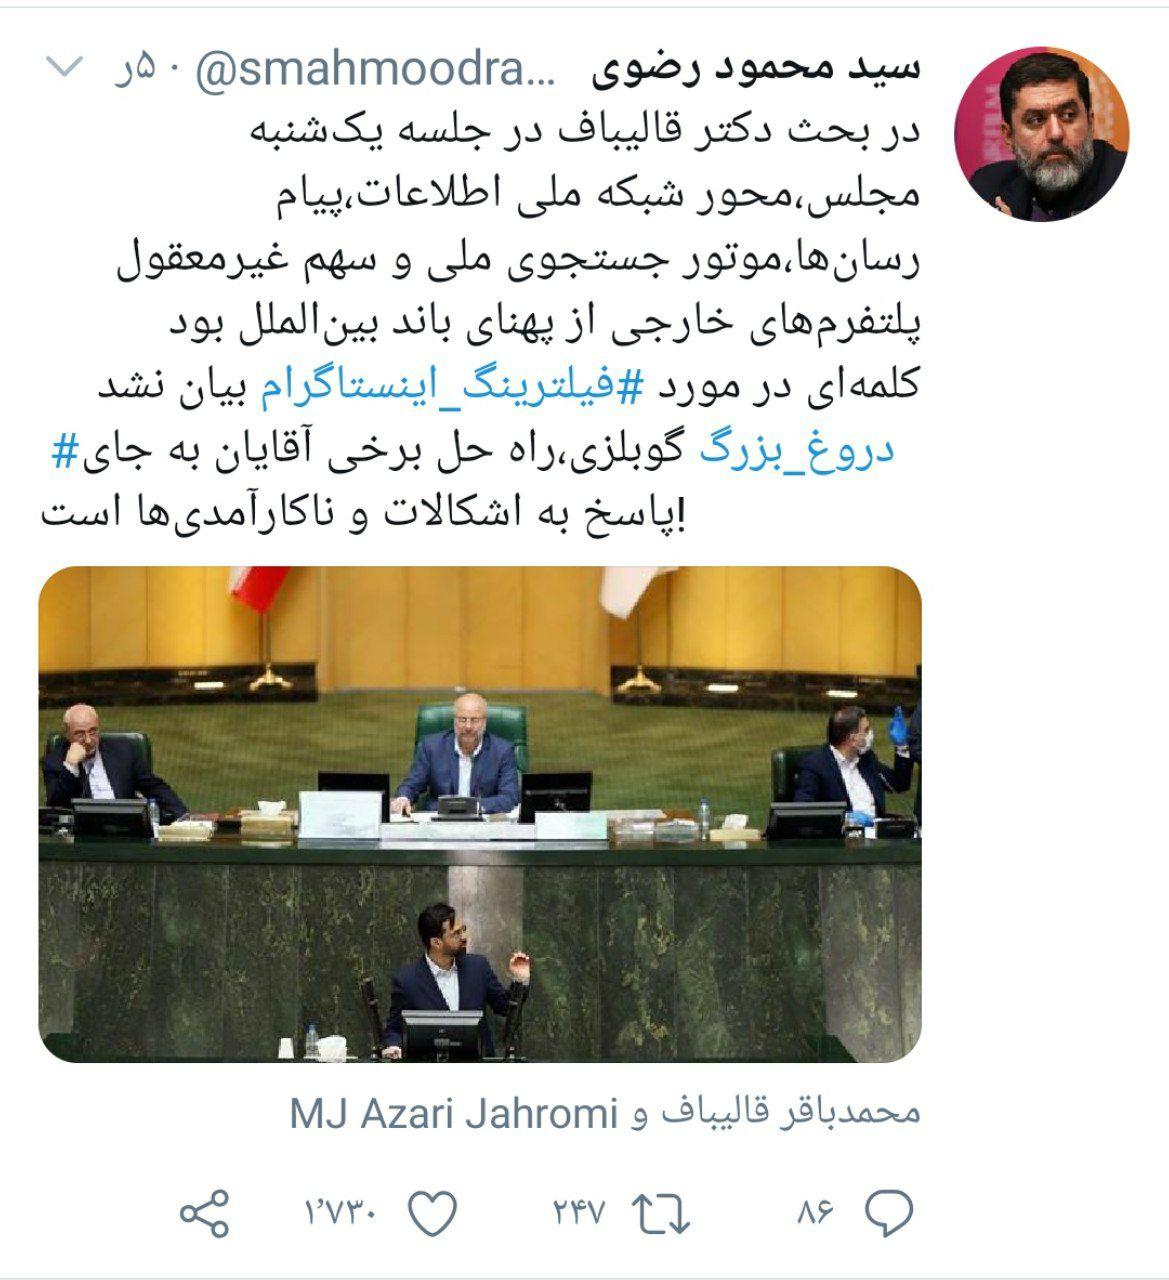 فضای مجازی فرزند بدسرپرست ایران